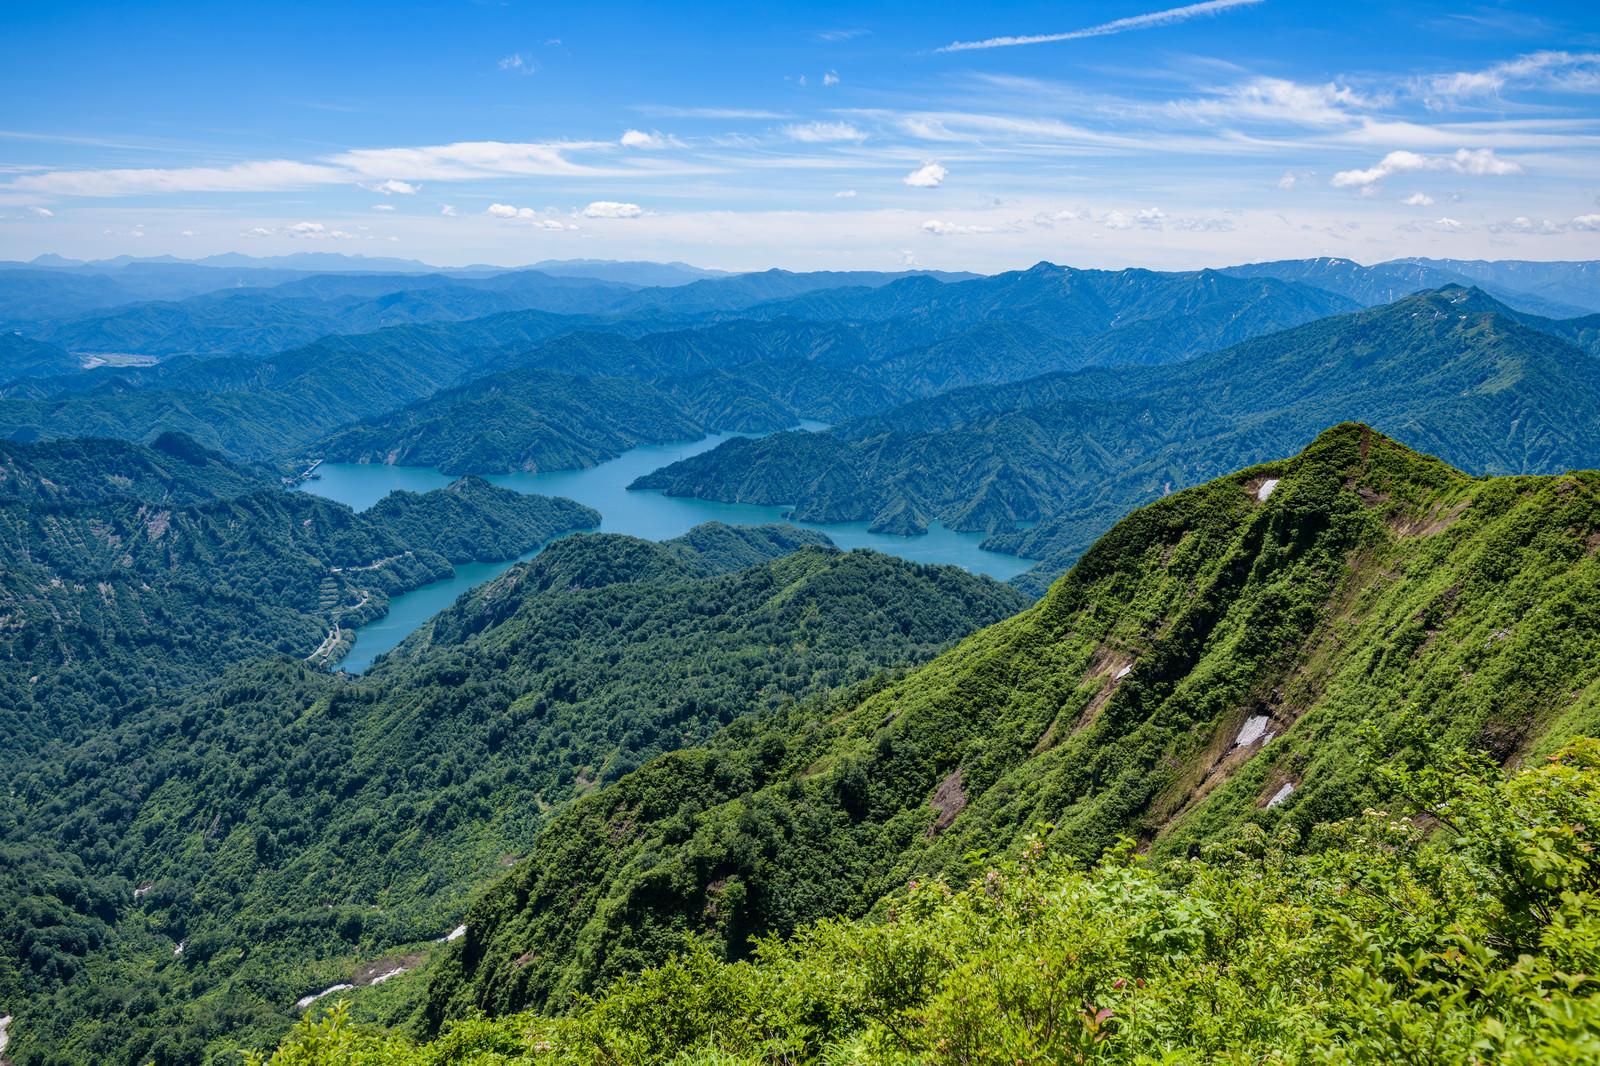 「俯瞰して拝む鬼ヶ面山と田子倉湖(福島県)」の写真